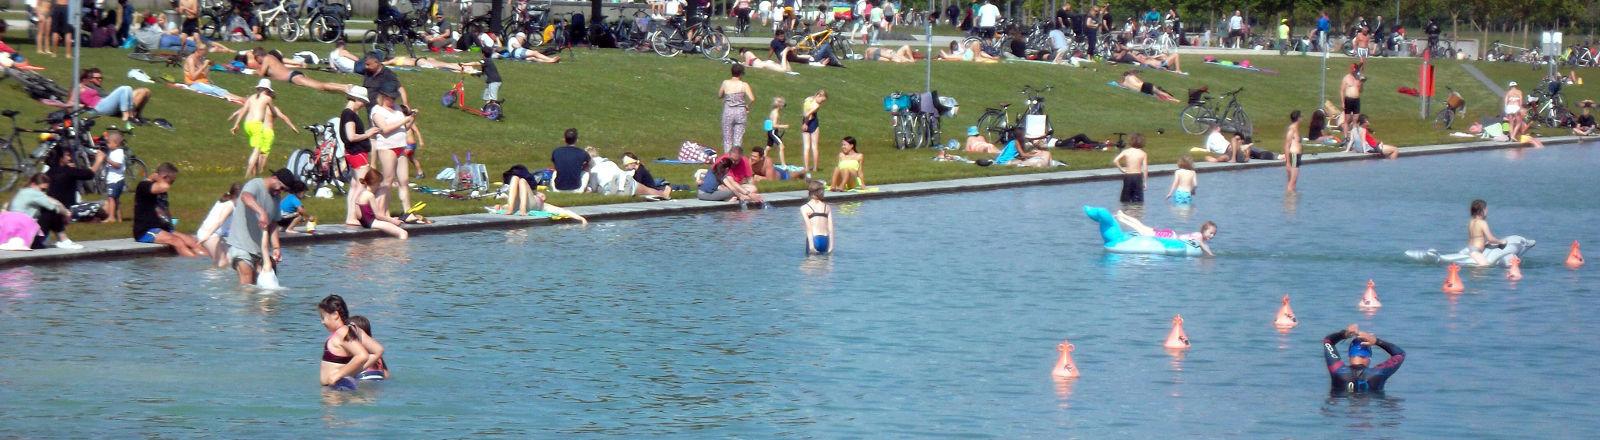 Menschen an einem Badesee